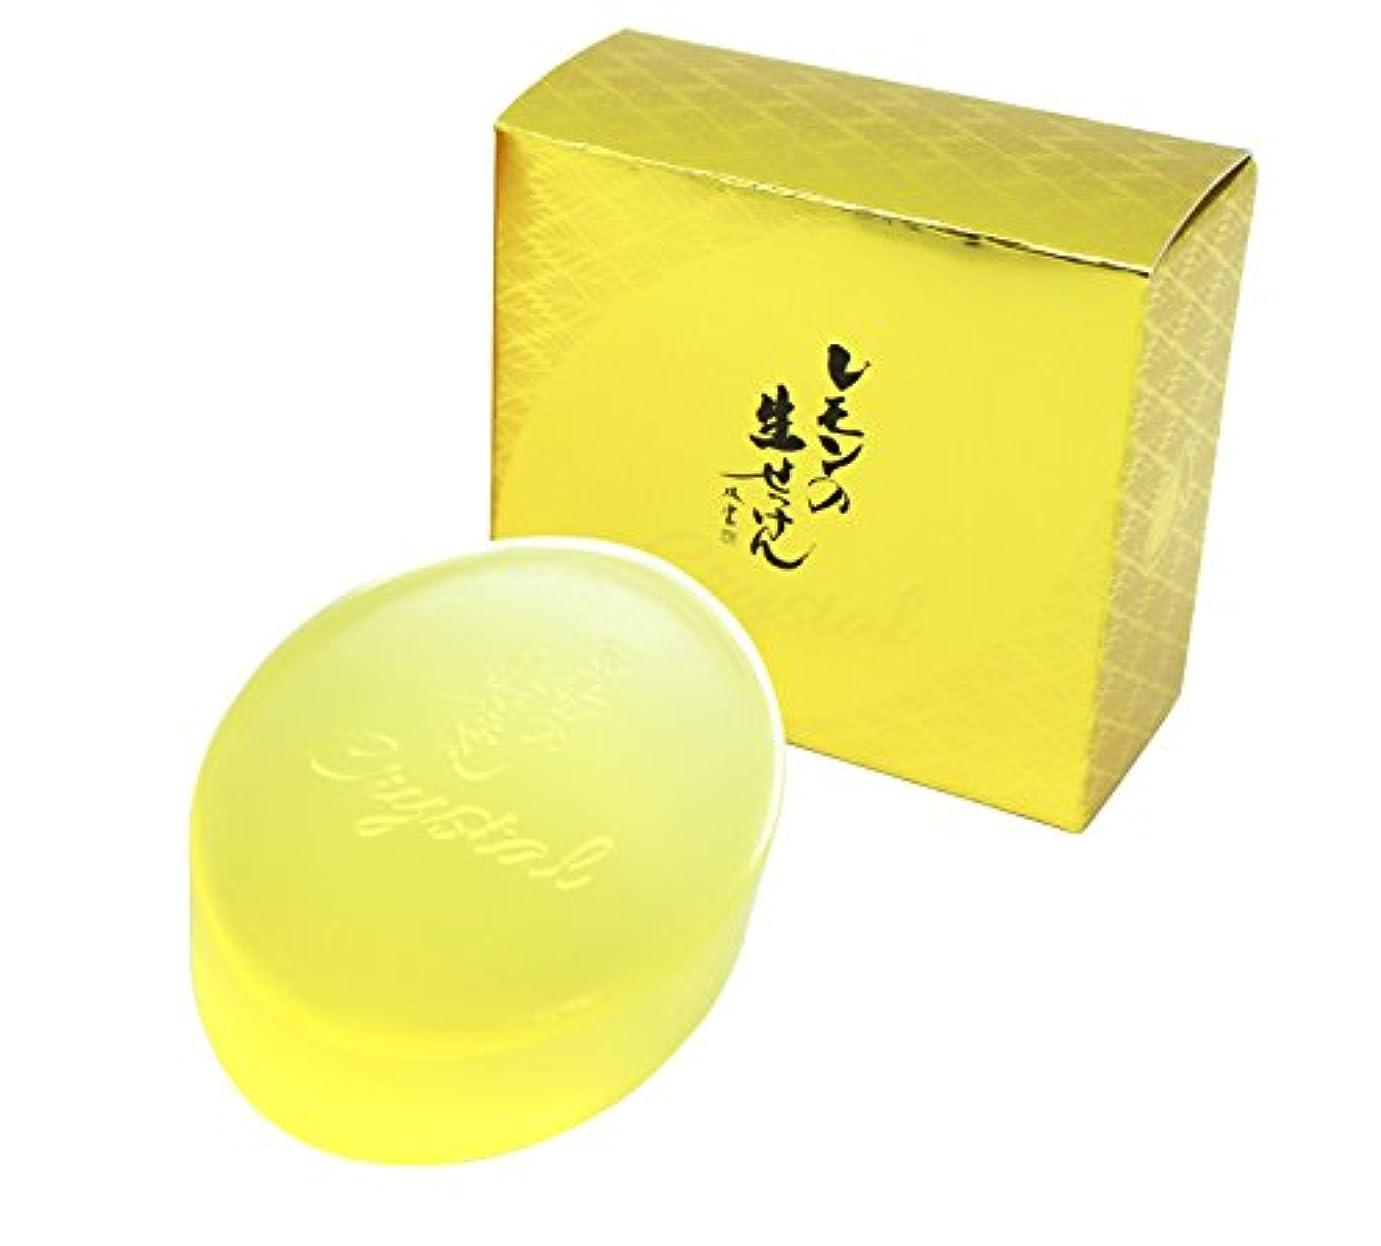 寝室振る舞うアスリート美香柑 レモンの生せっけん 洗顔石けん 固形タイプ(枠練り) 90g